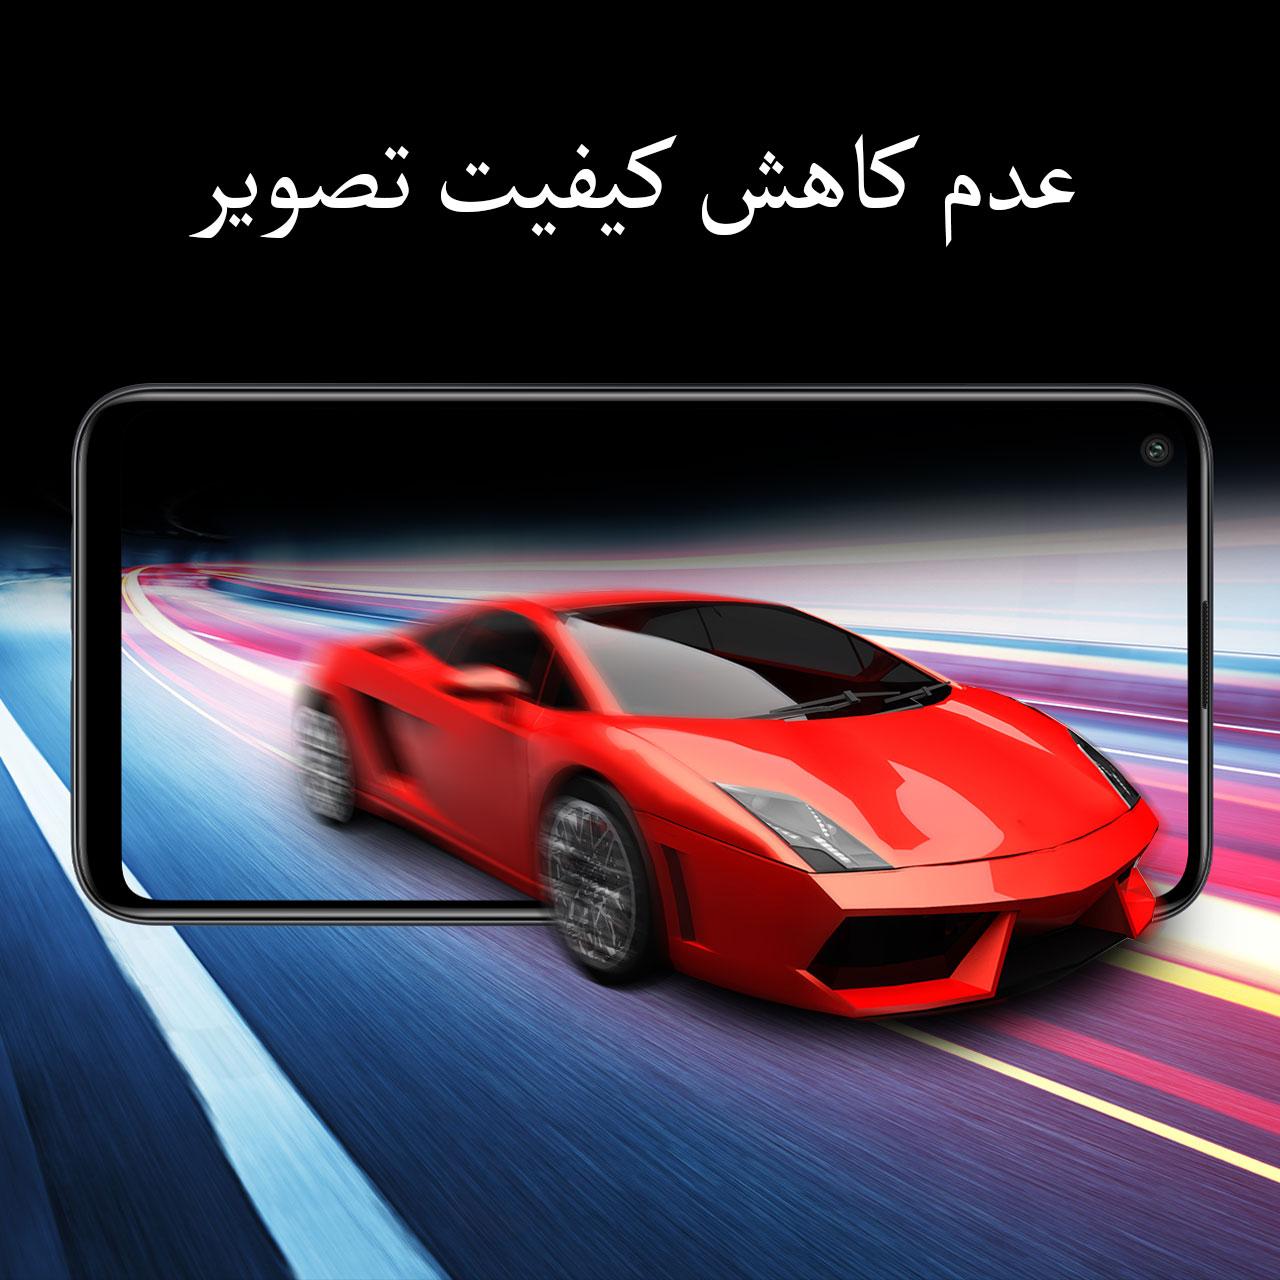 محافظ صفحه نمایش مدل FCG مناسب برای گوشی موبایل سامسونگ Galaxy A11 main 1 2